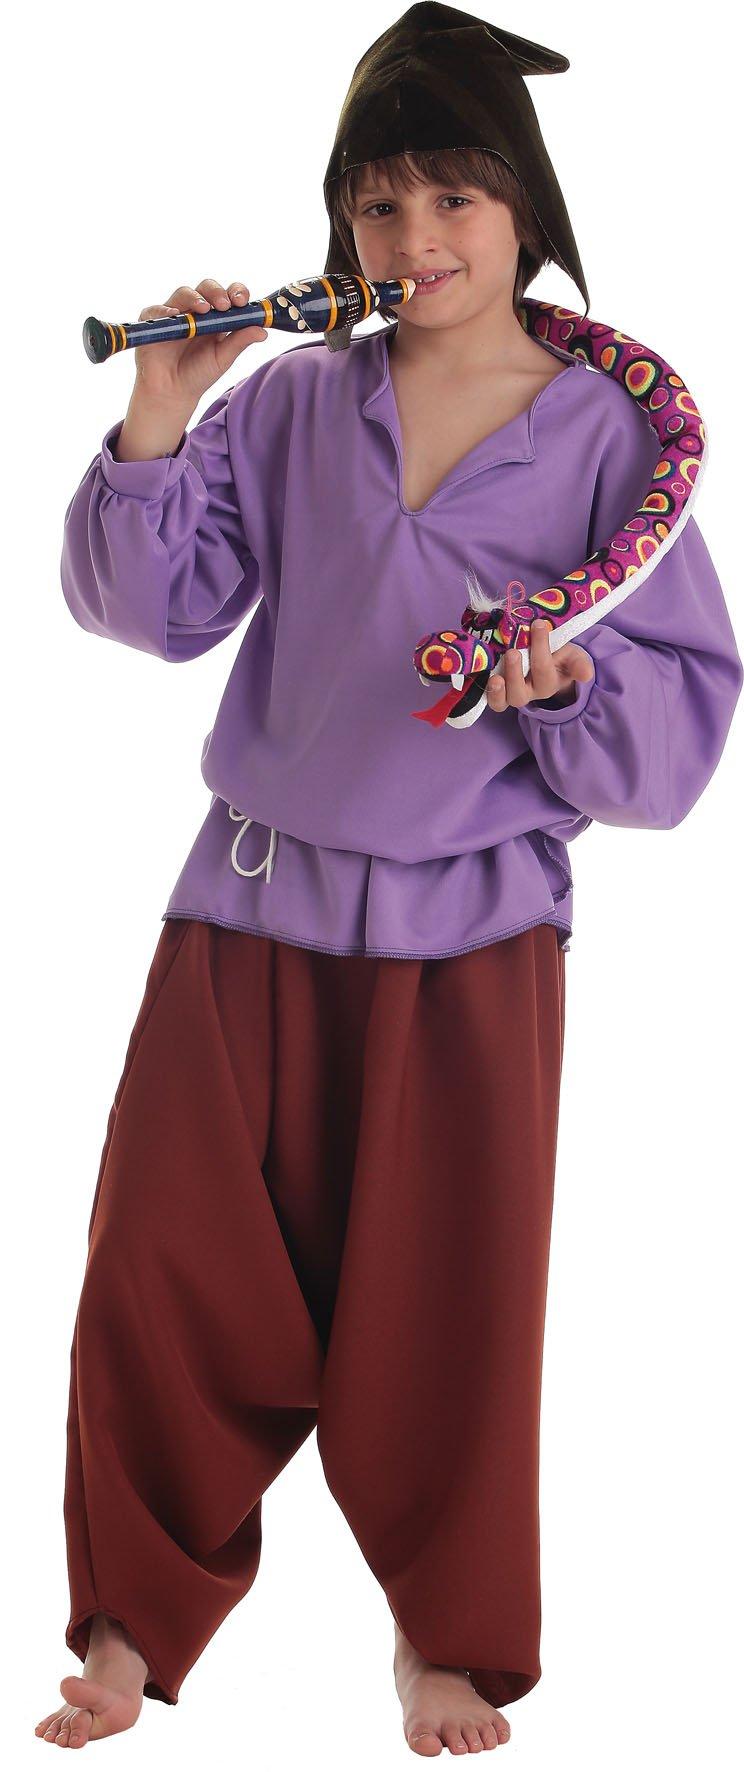 Disfraz de flautista medieval talla 5 (11-13 años)